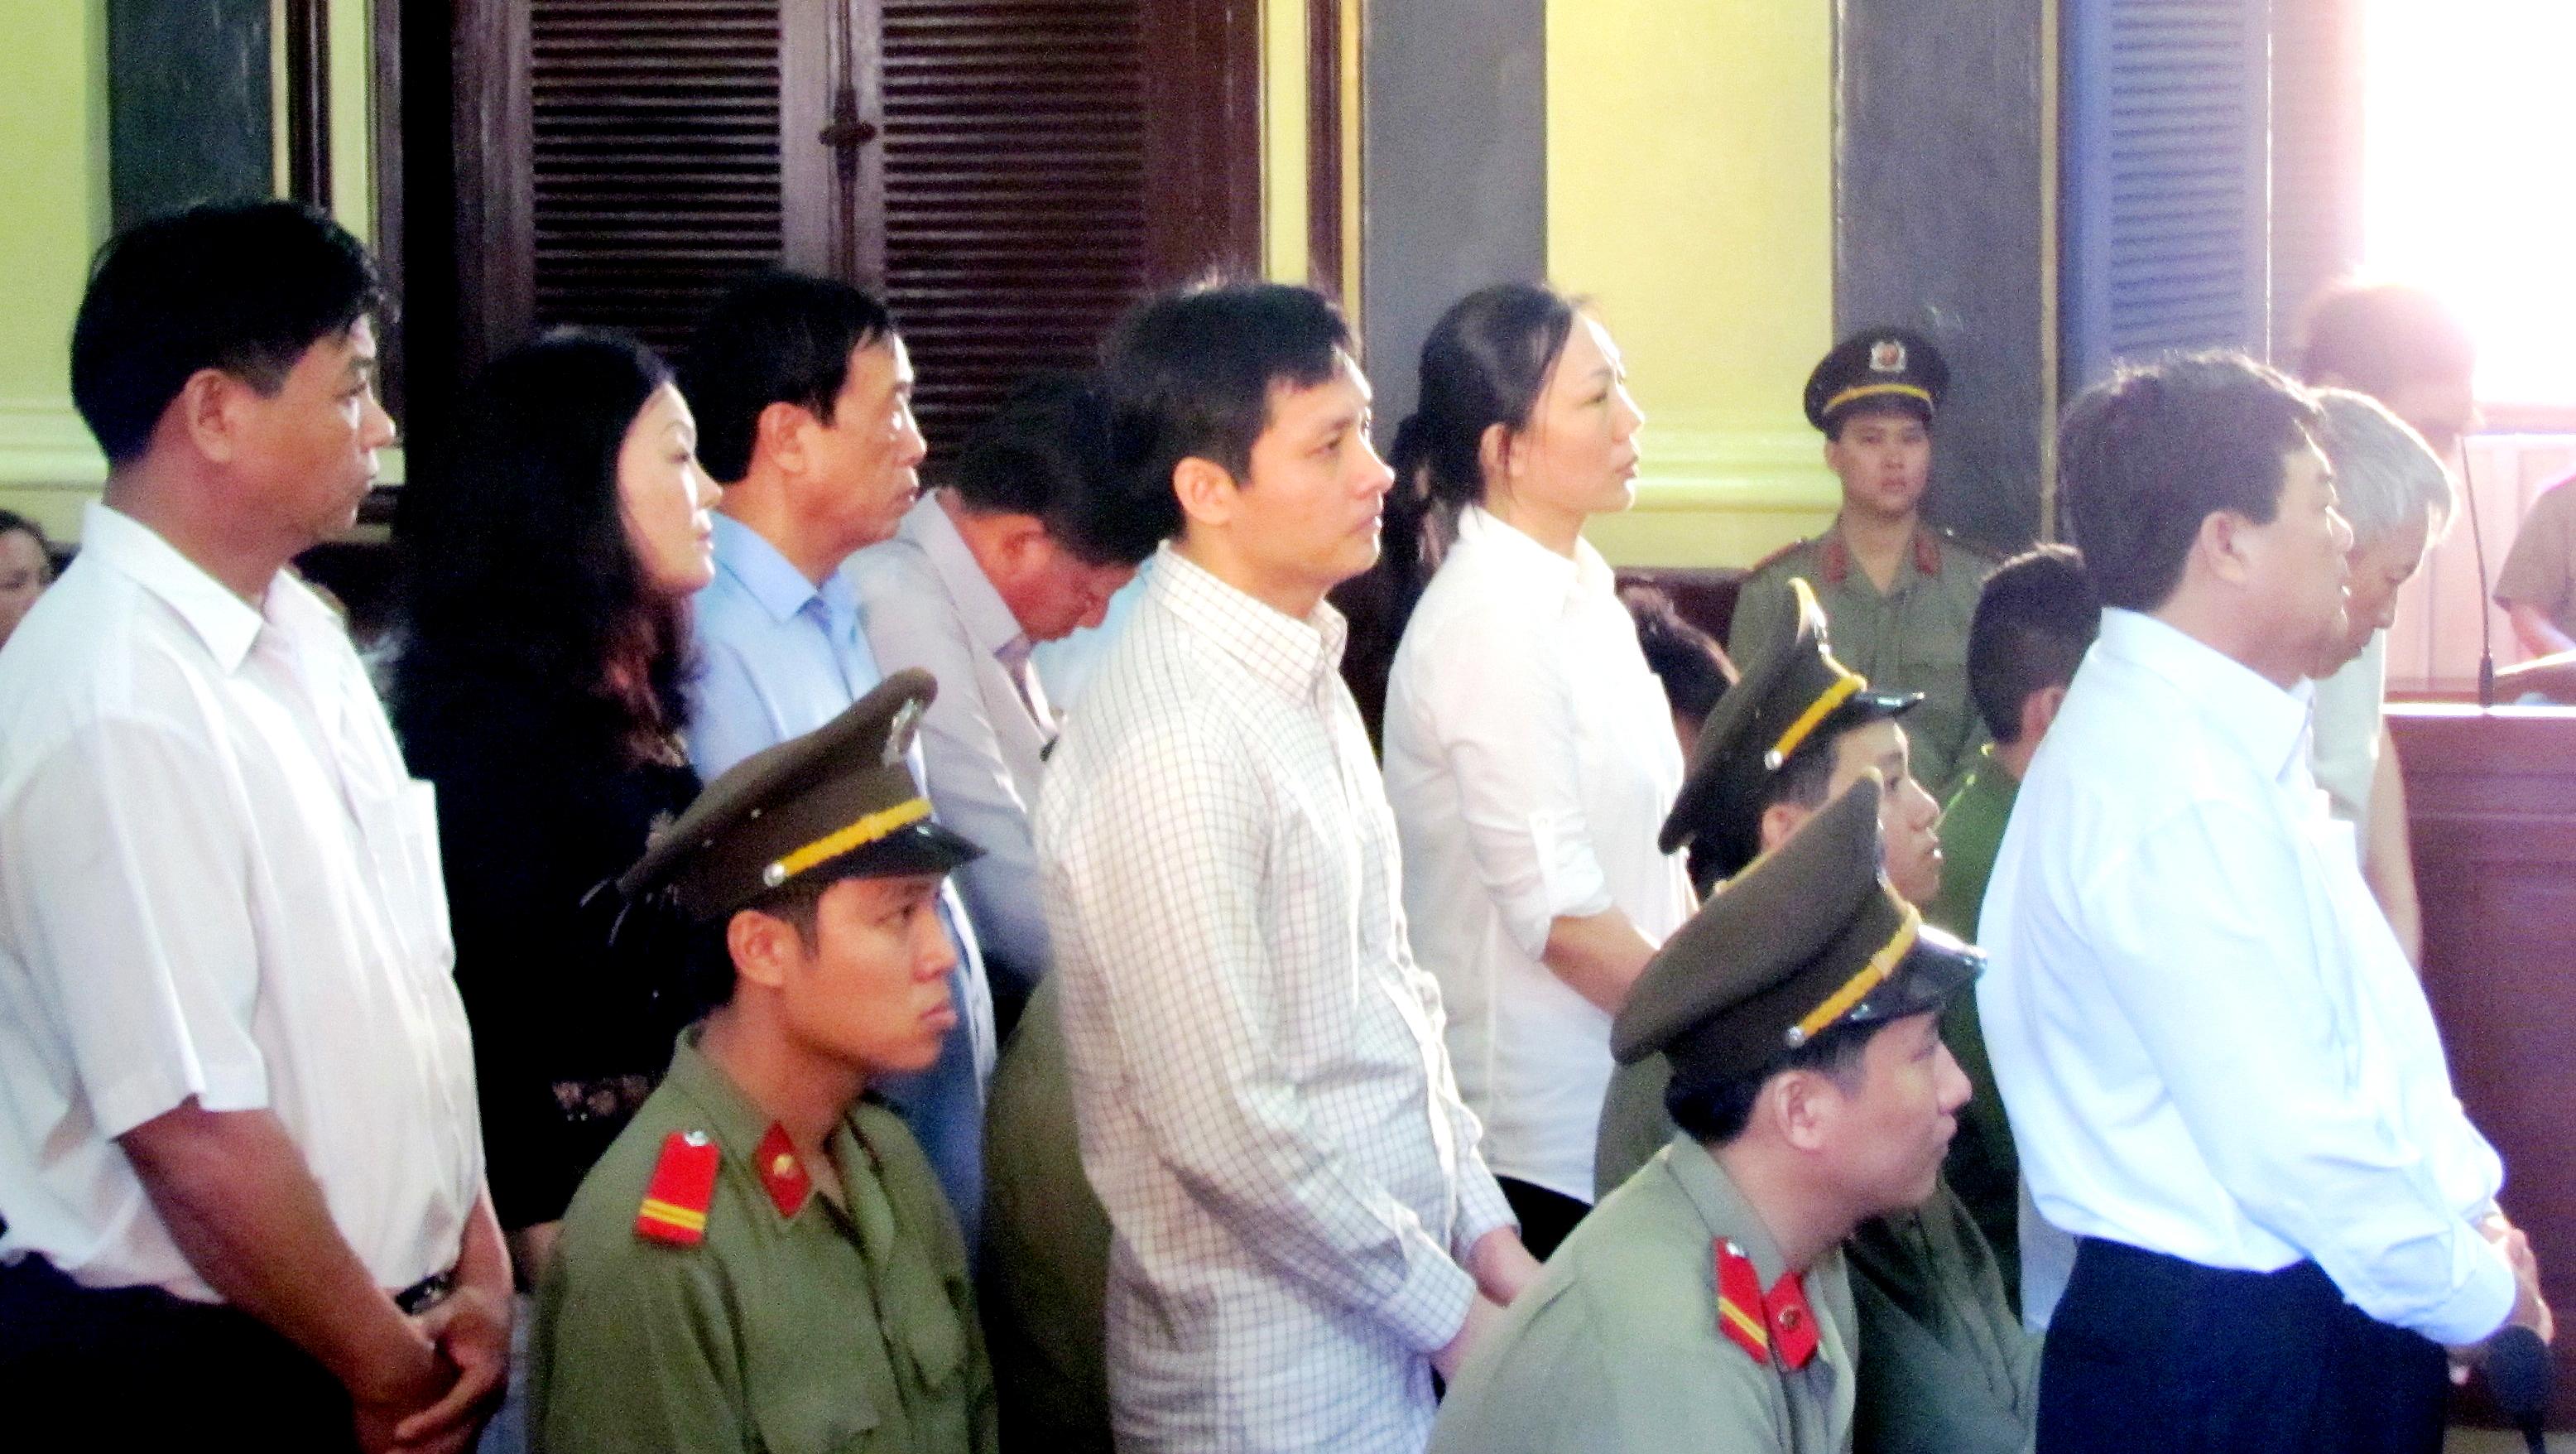 Pháp luật - 'Quan huyện' và nữ đại gia Sài Gòn ra tòa (Hình 2).